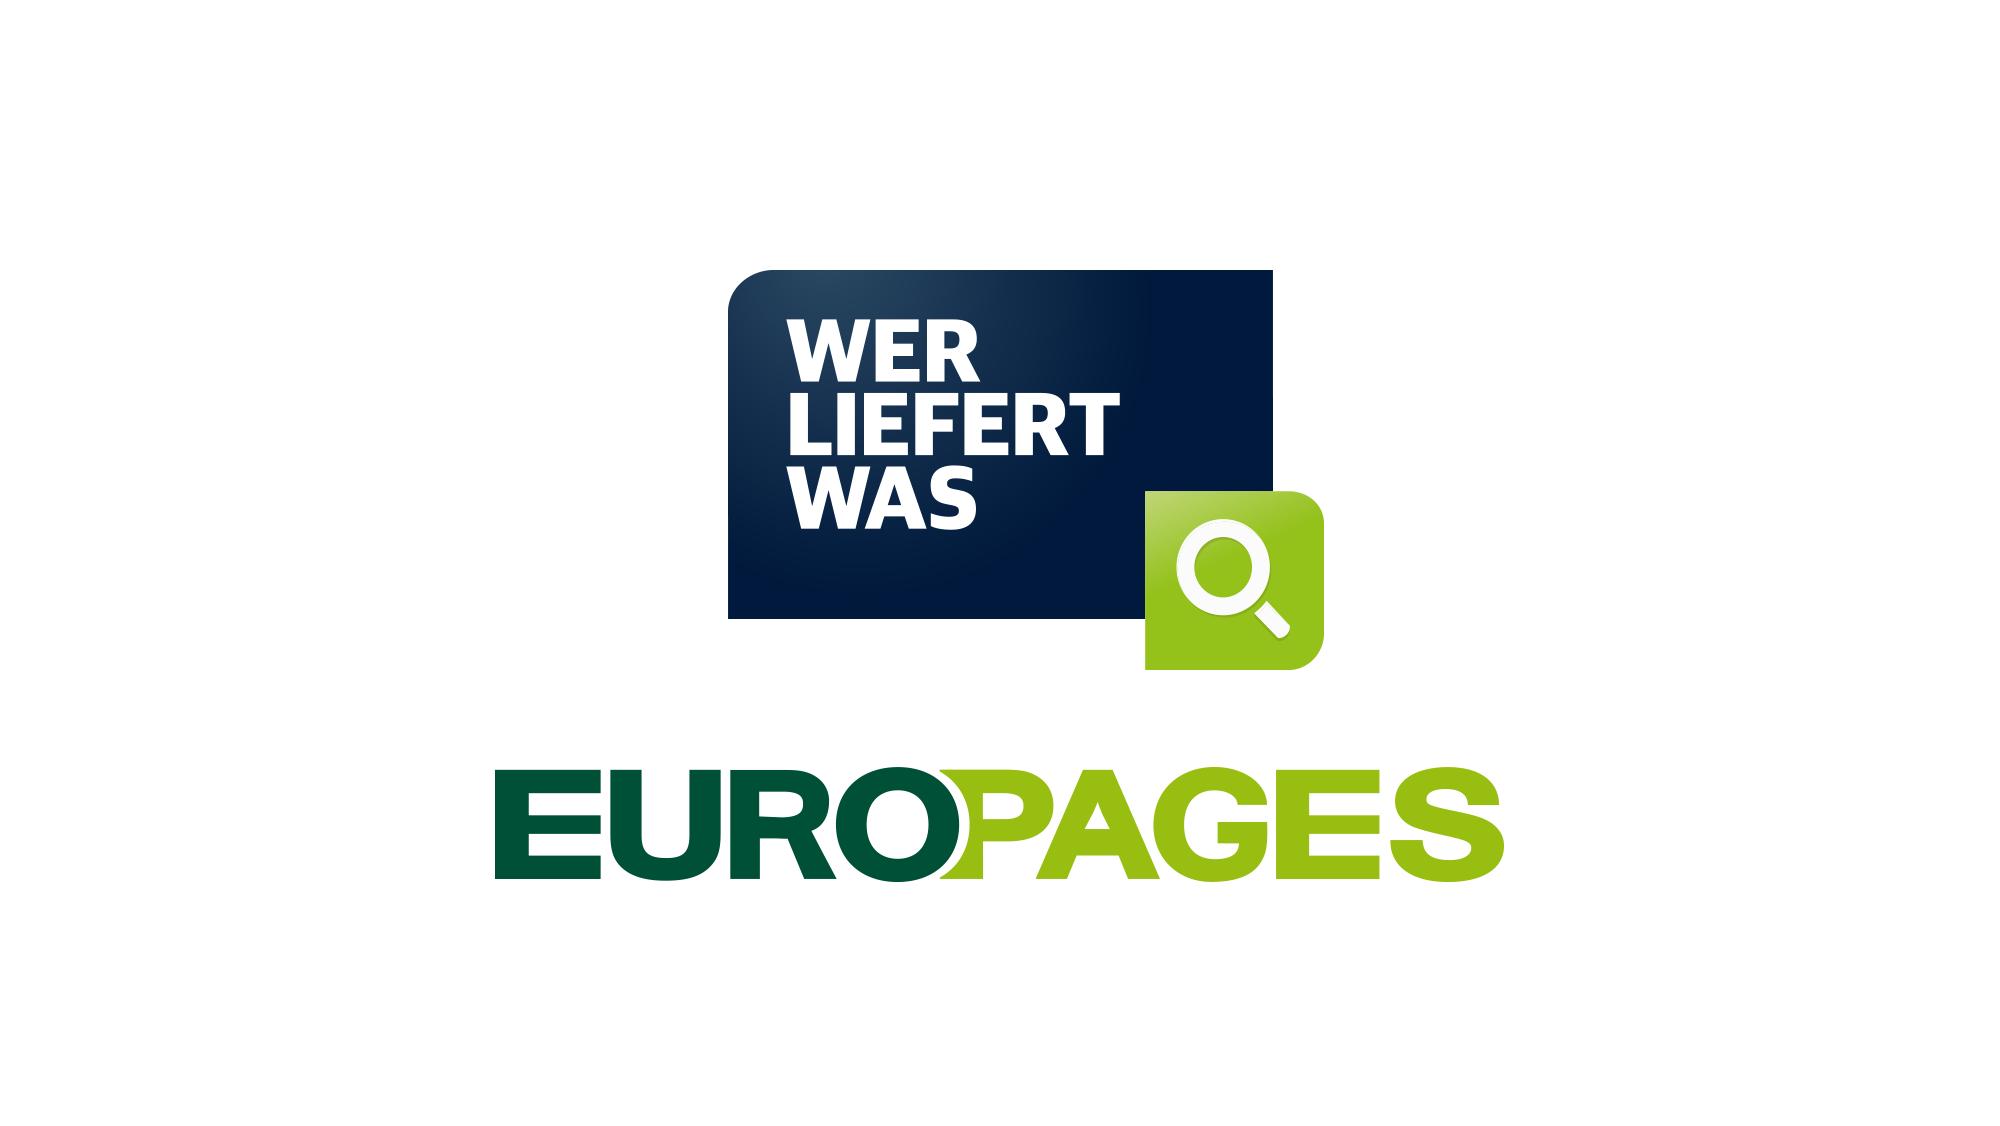 Bundles mit EUROPAGES